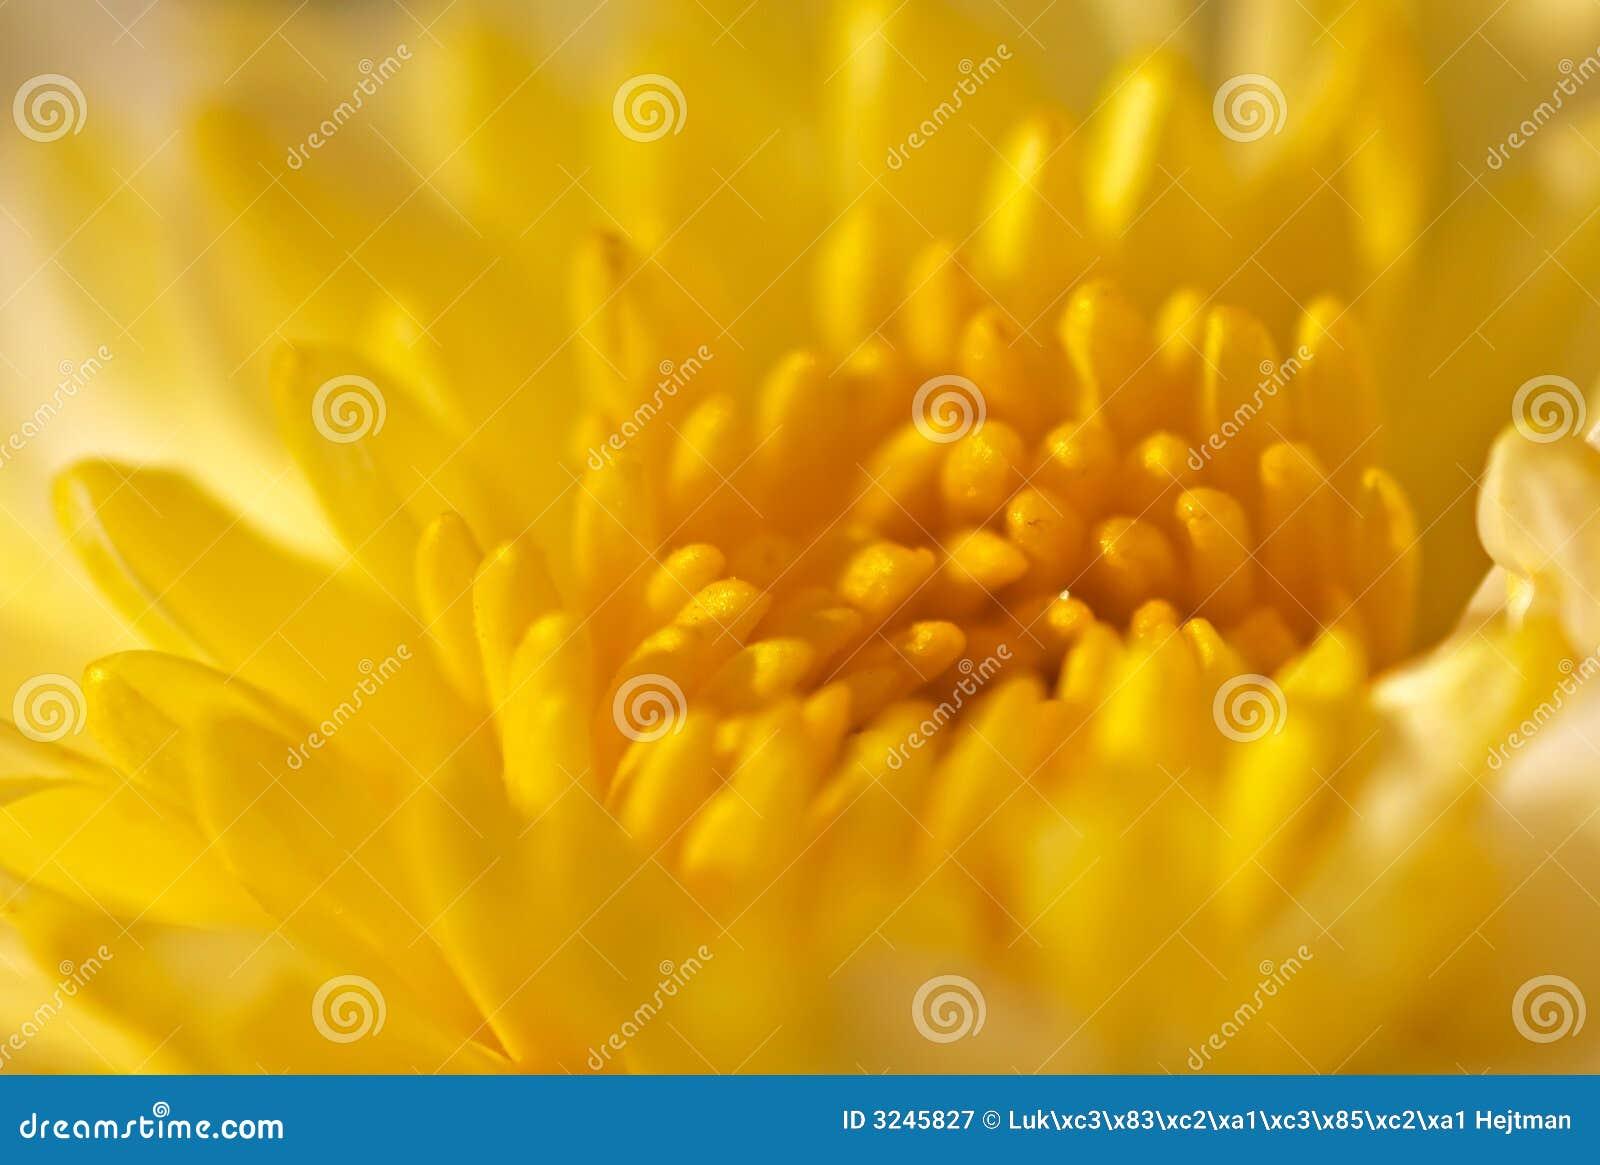 Gele chrysant